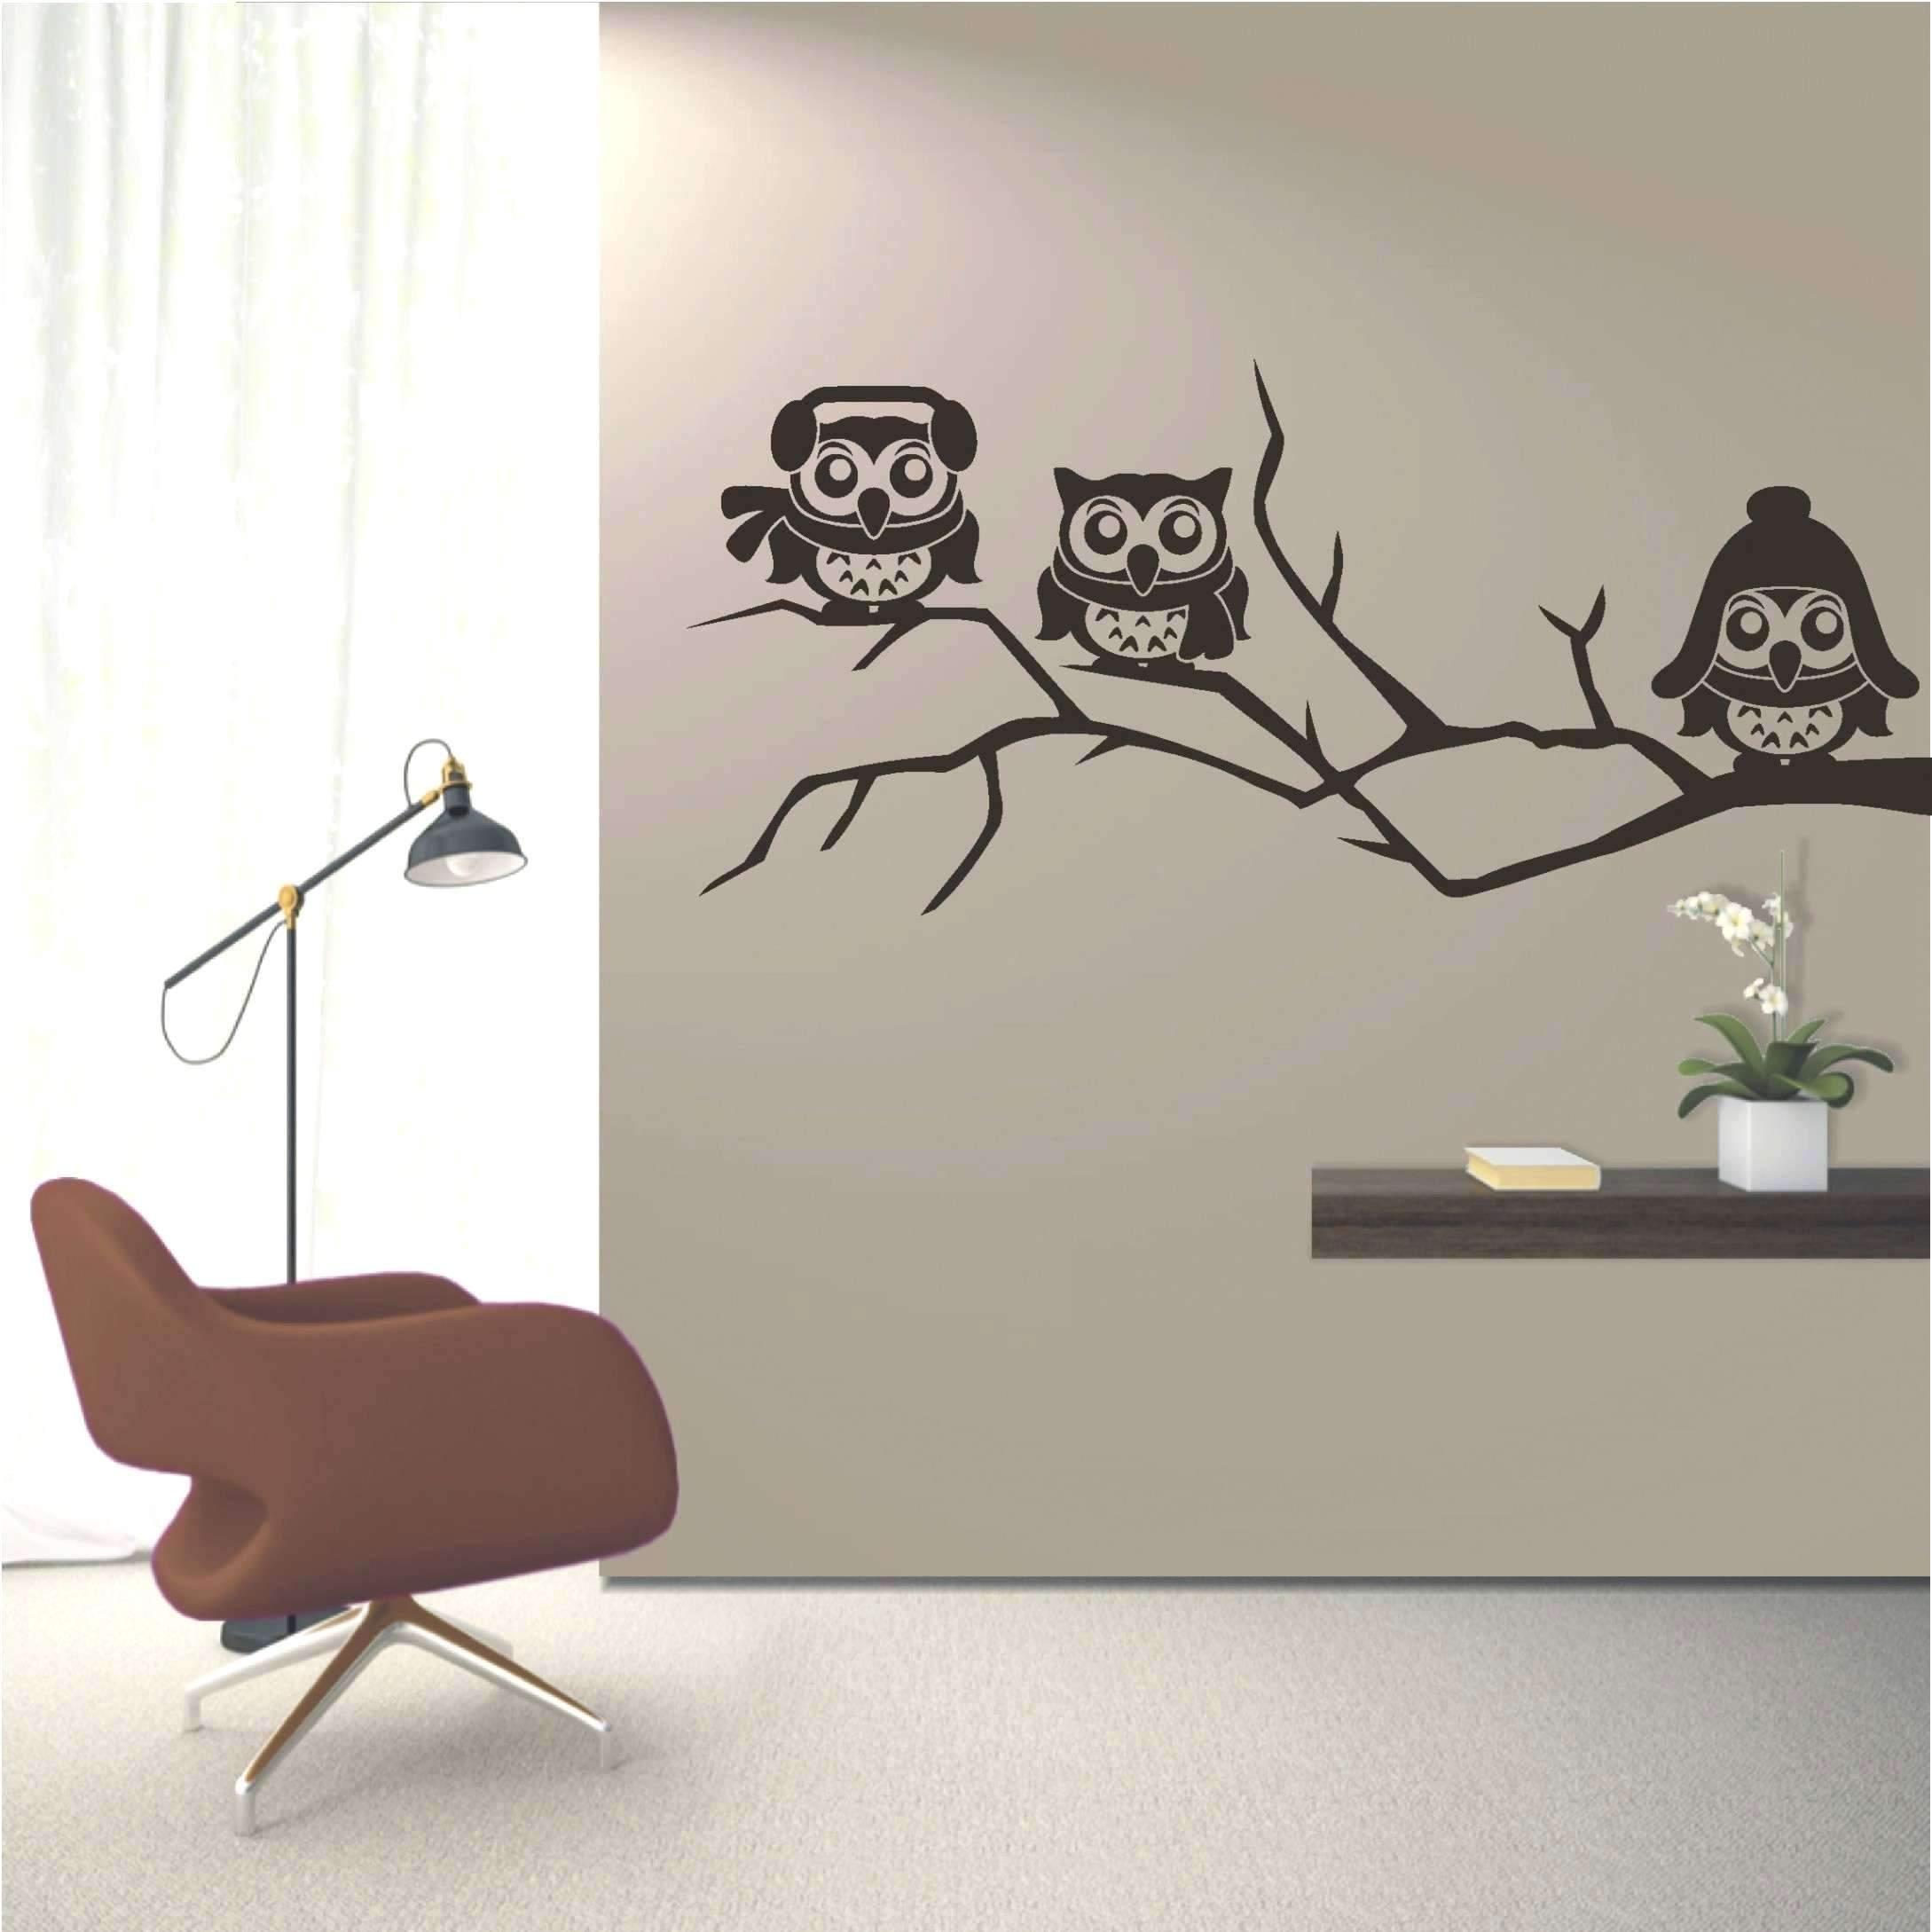 wanddeko wohnzimmer selber machen das beste von wandtatoo wohnzimmer elegant leinwand ideen wohnzimmer deko of wanddeko wohnzimmer selber machen